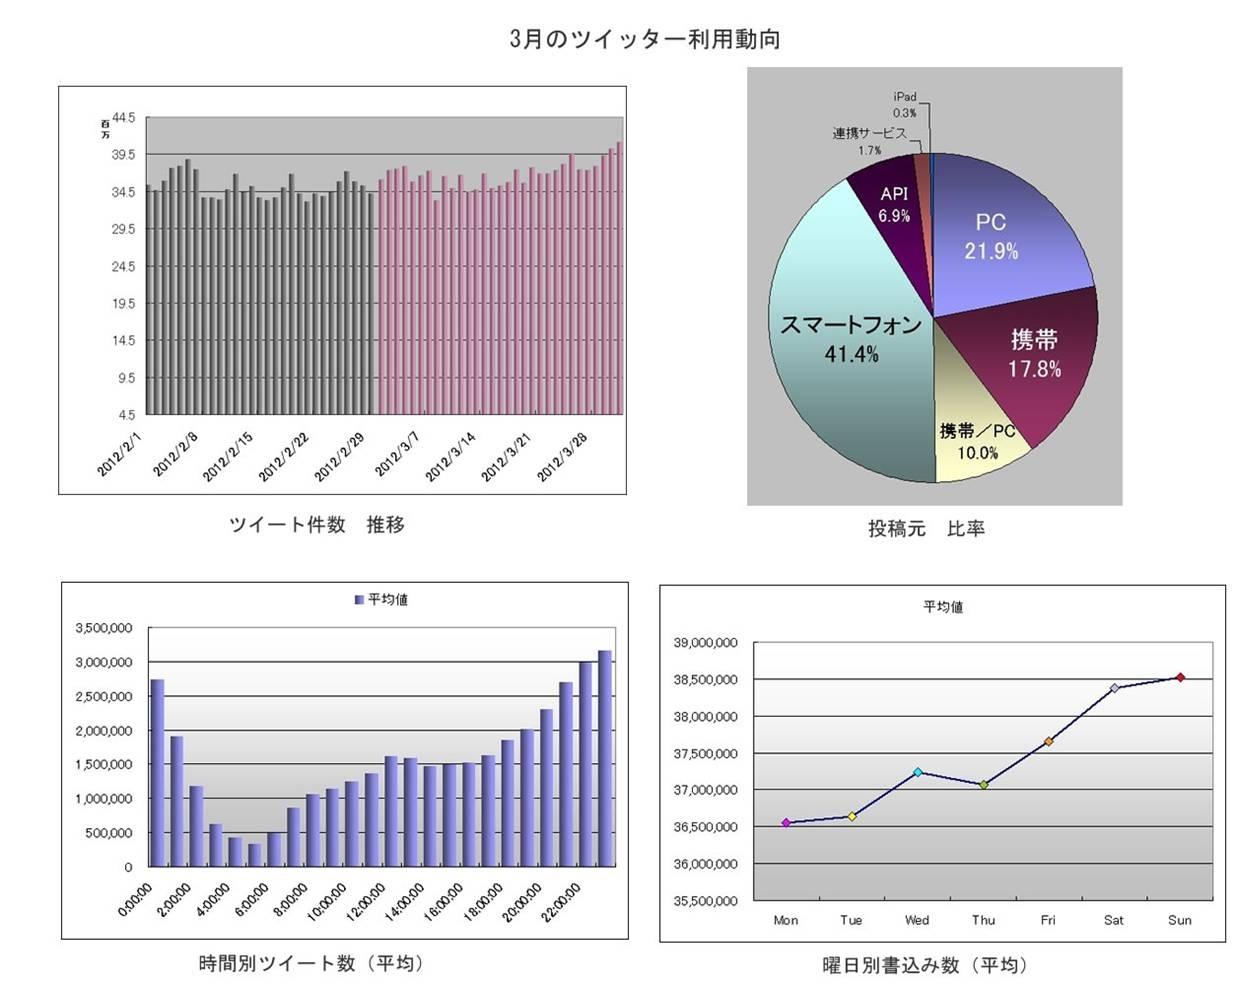 3月のツイッター利用動向(BIGLOBE調べ)